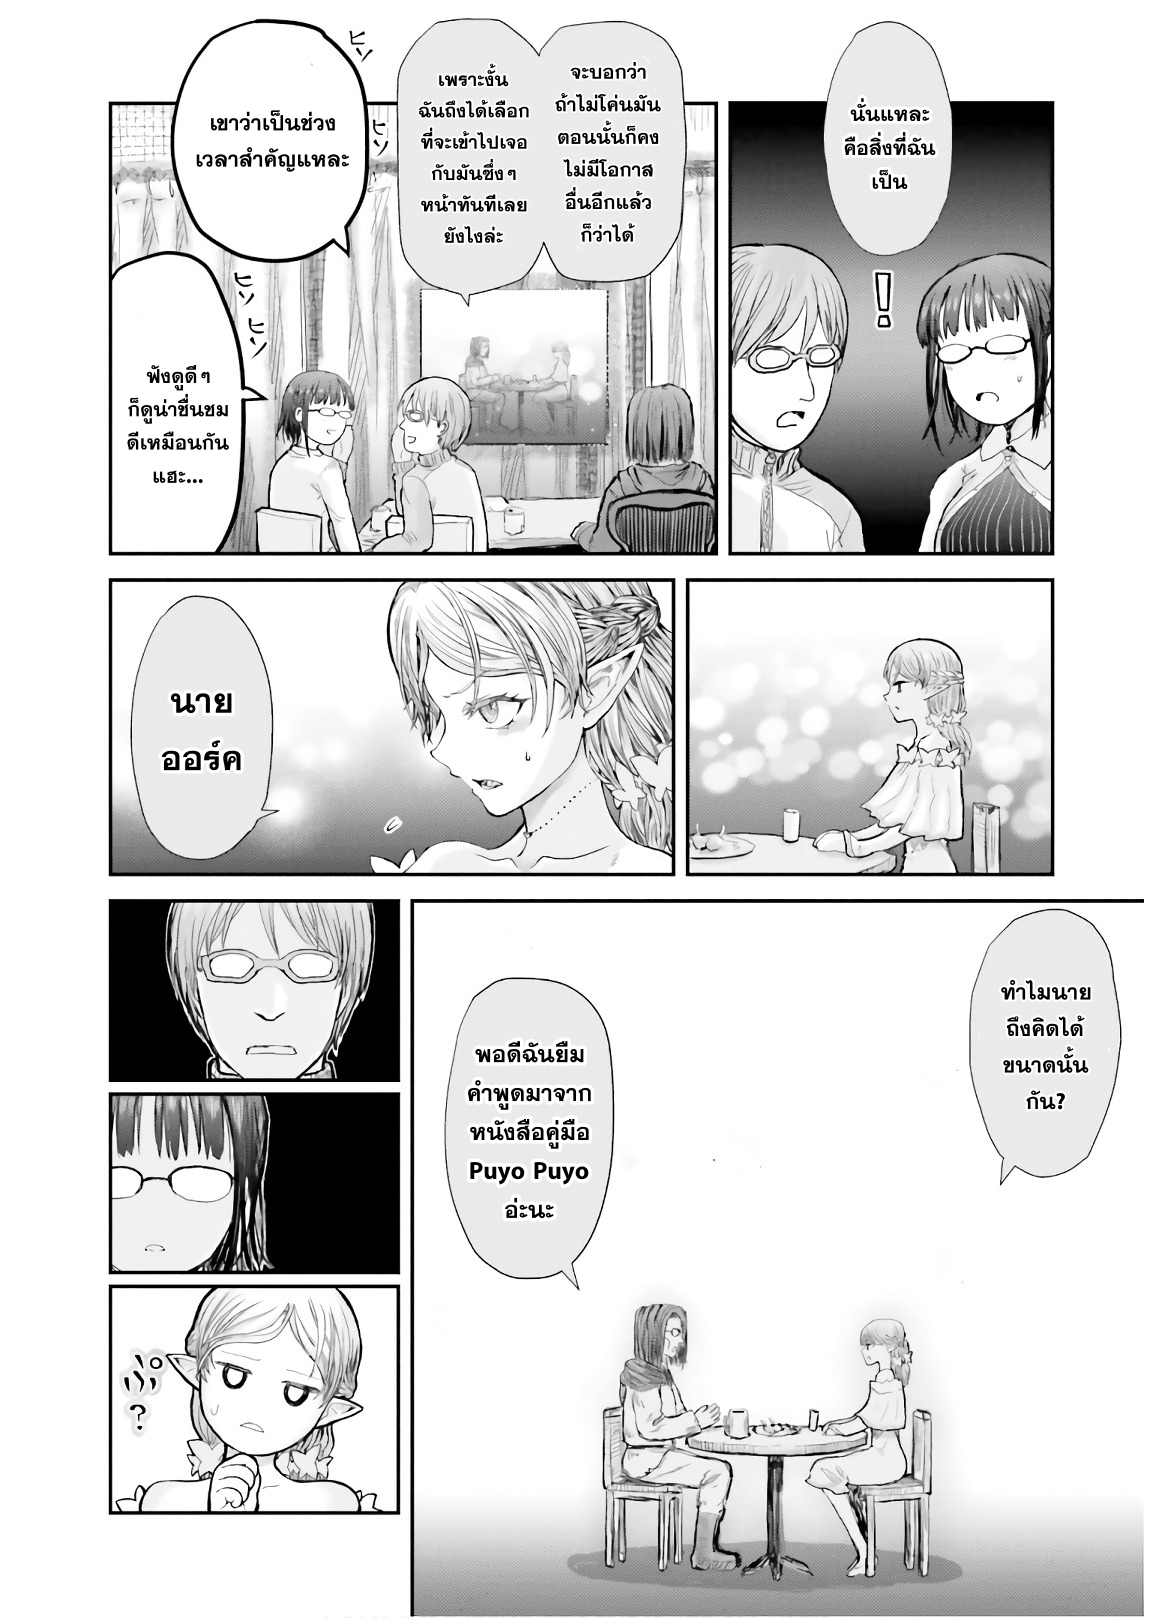 อ่านการ์ตูน Isekai Ojisan ตอนที่ 12 หน้าที่ 15